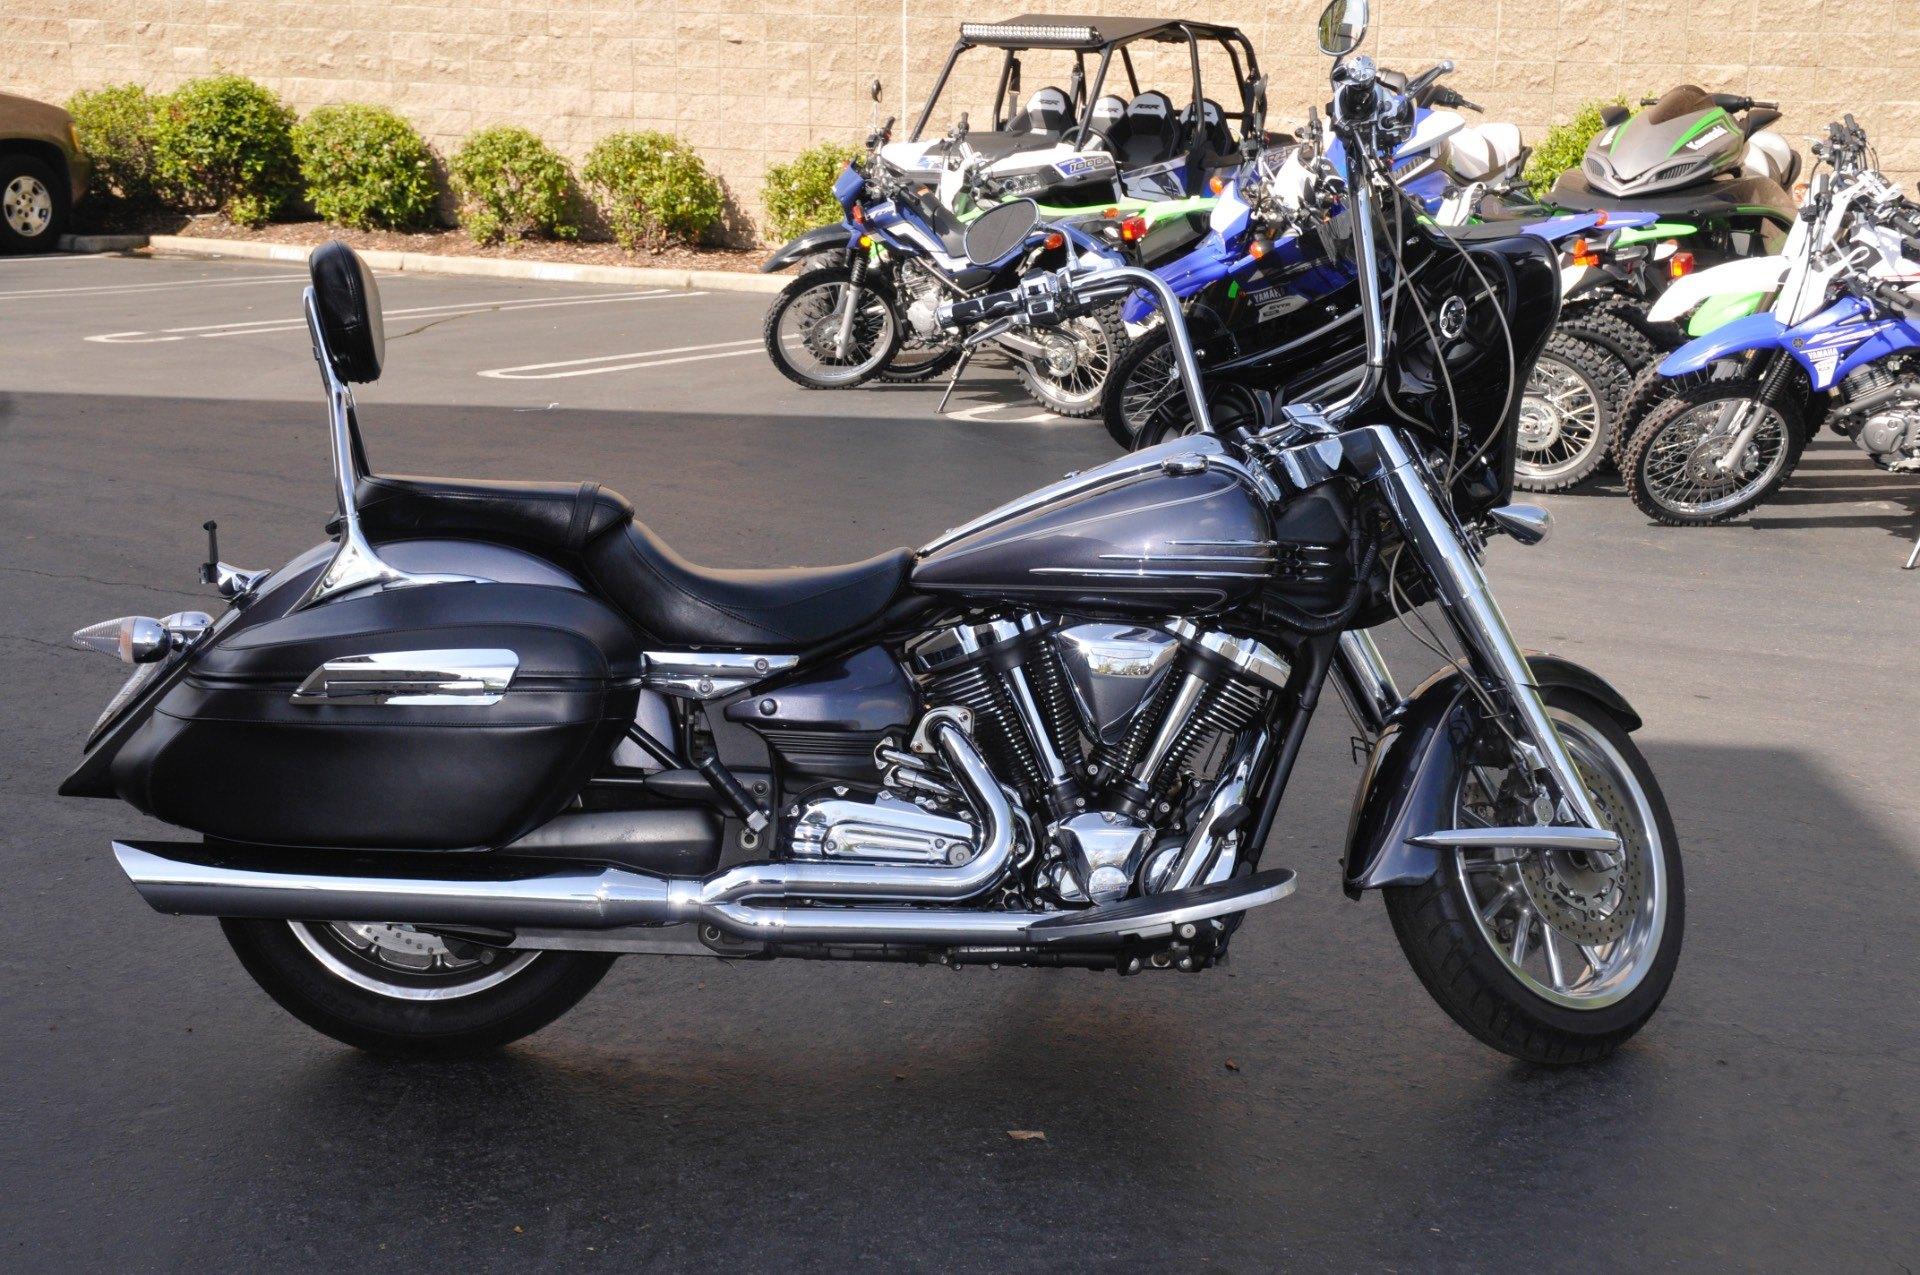 2007 Yamaha Stratoliner S in Roseville, California